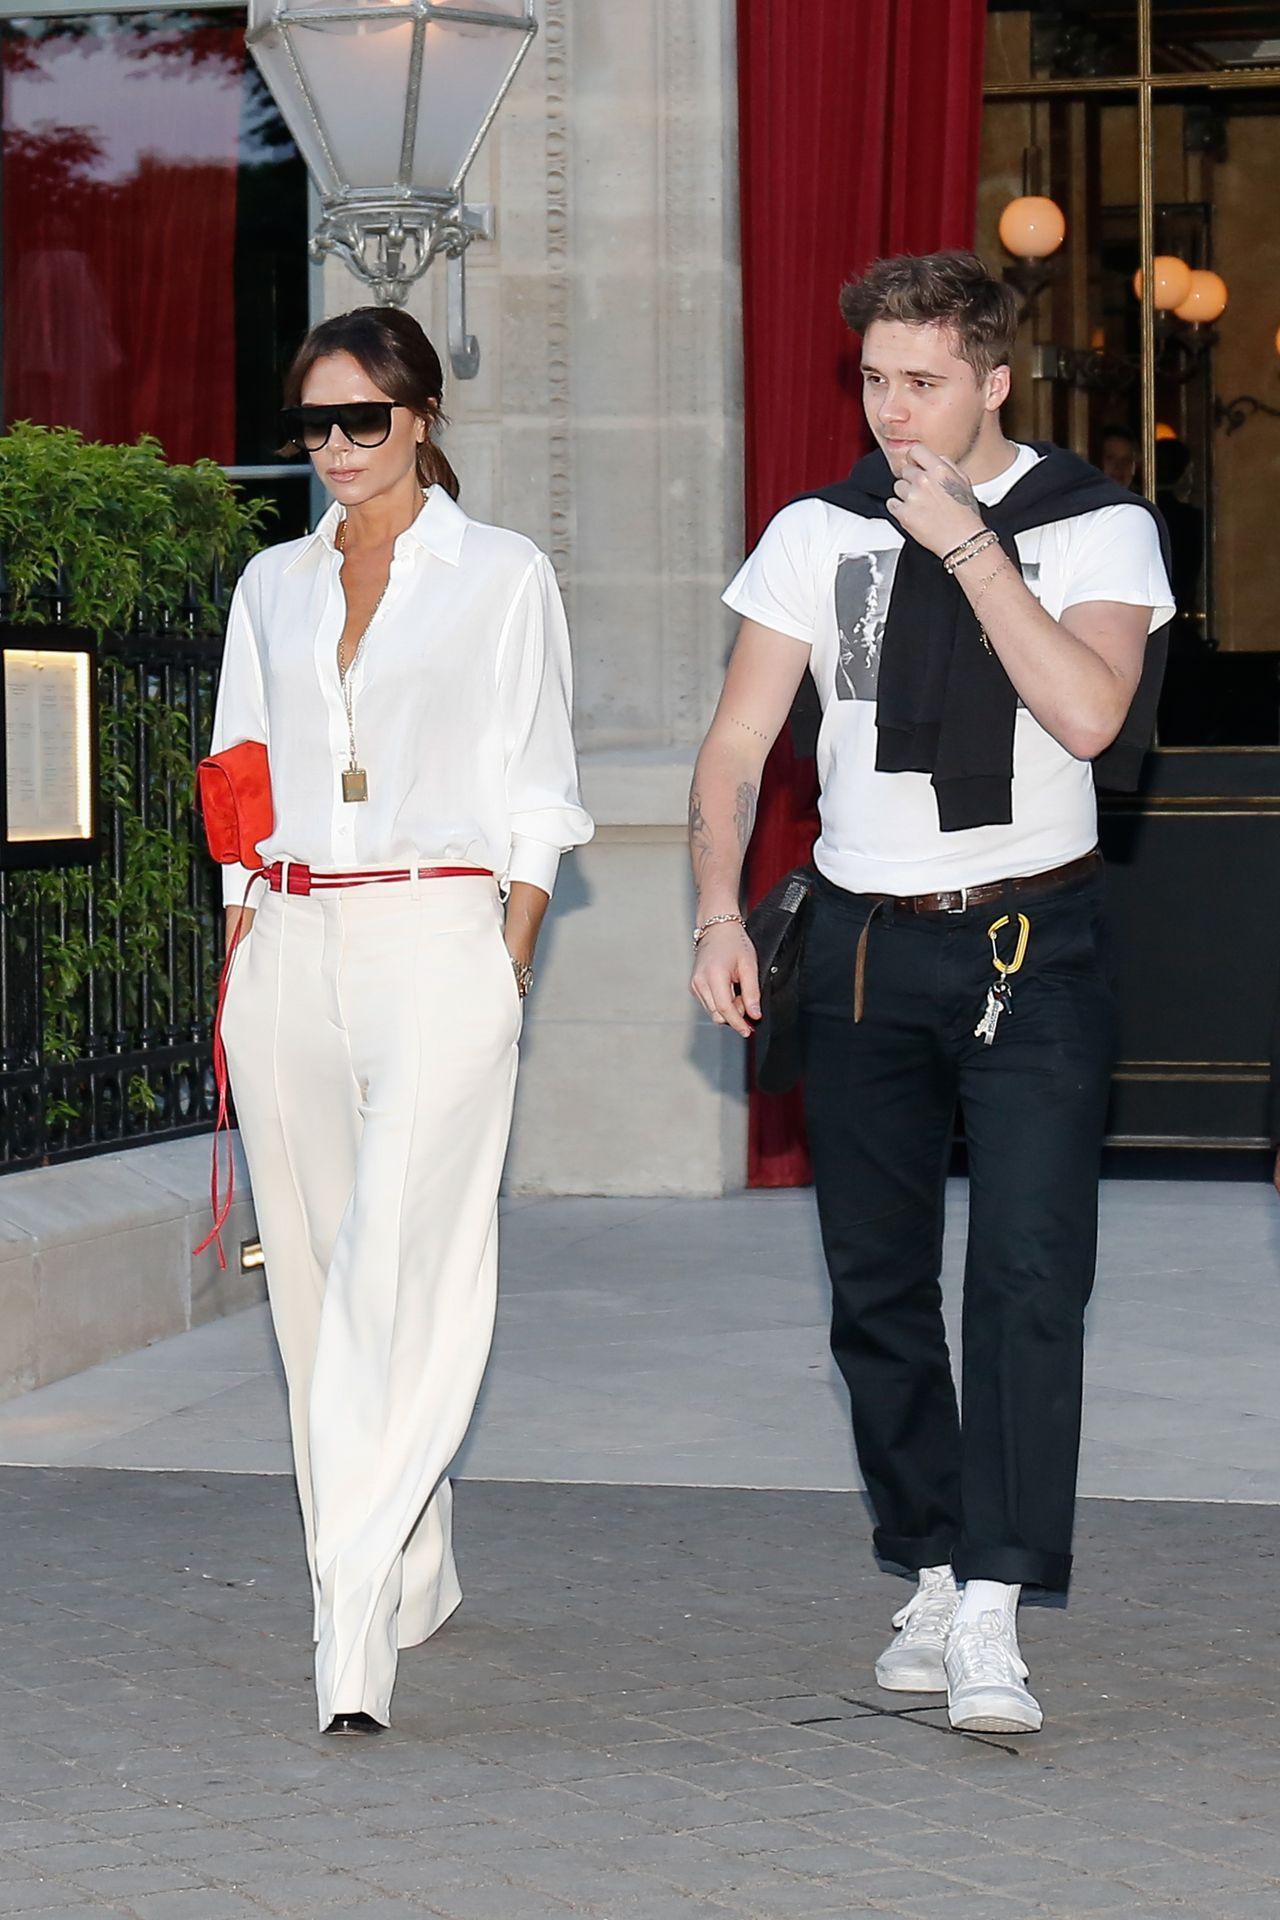 Rodzina Beckhamów w OGNIU KRYTYKI po tym zdjęciu